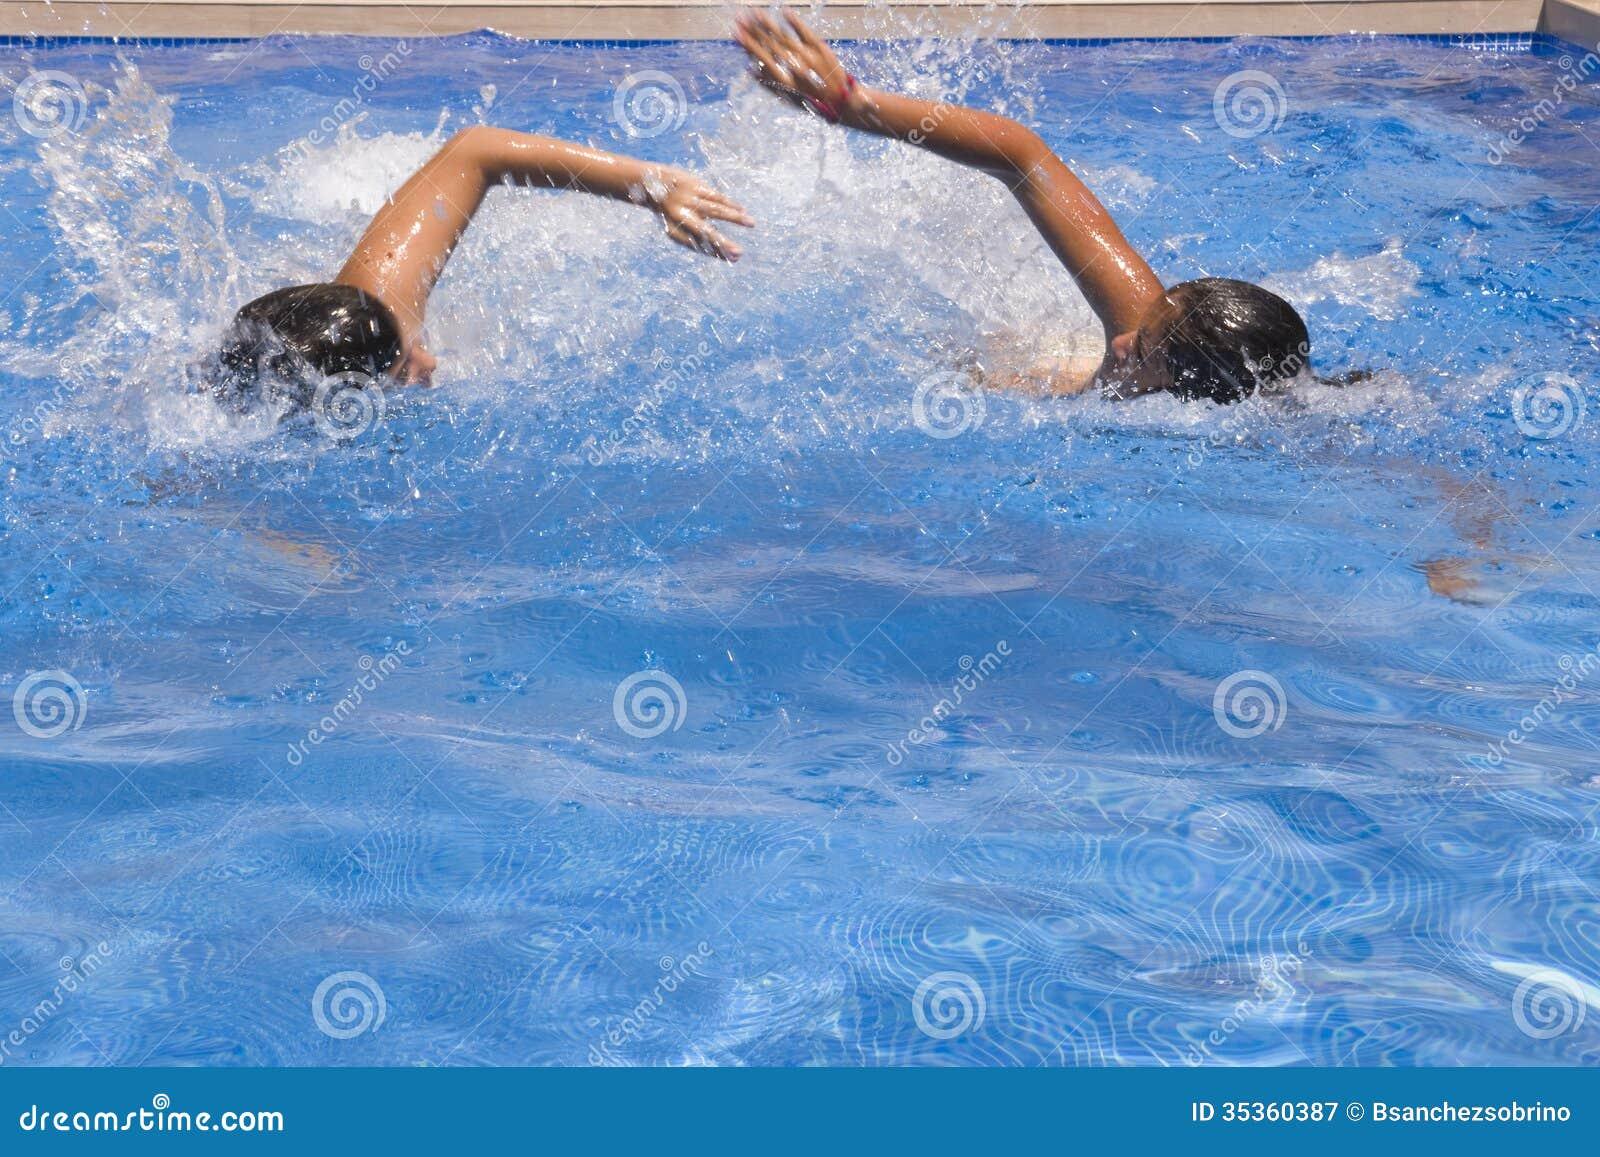 Natation dans la piscine